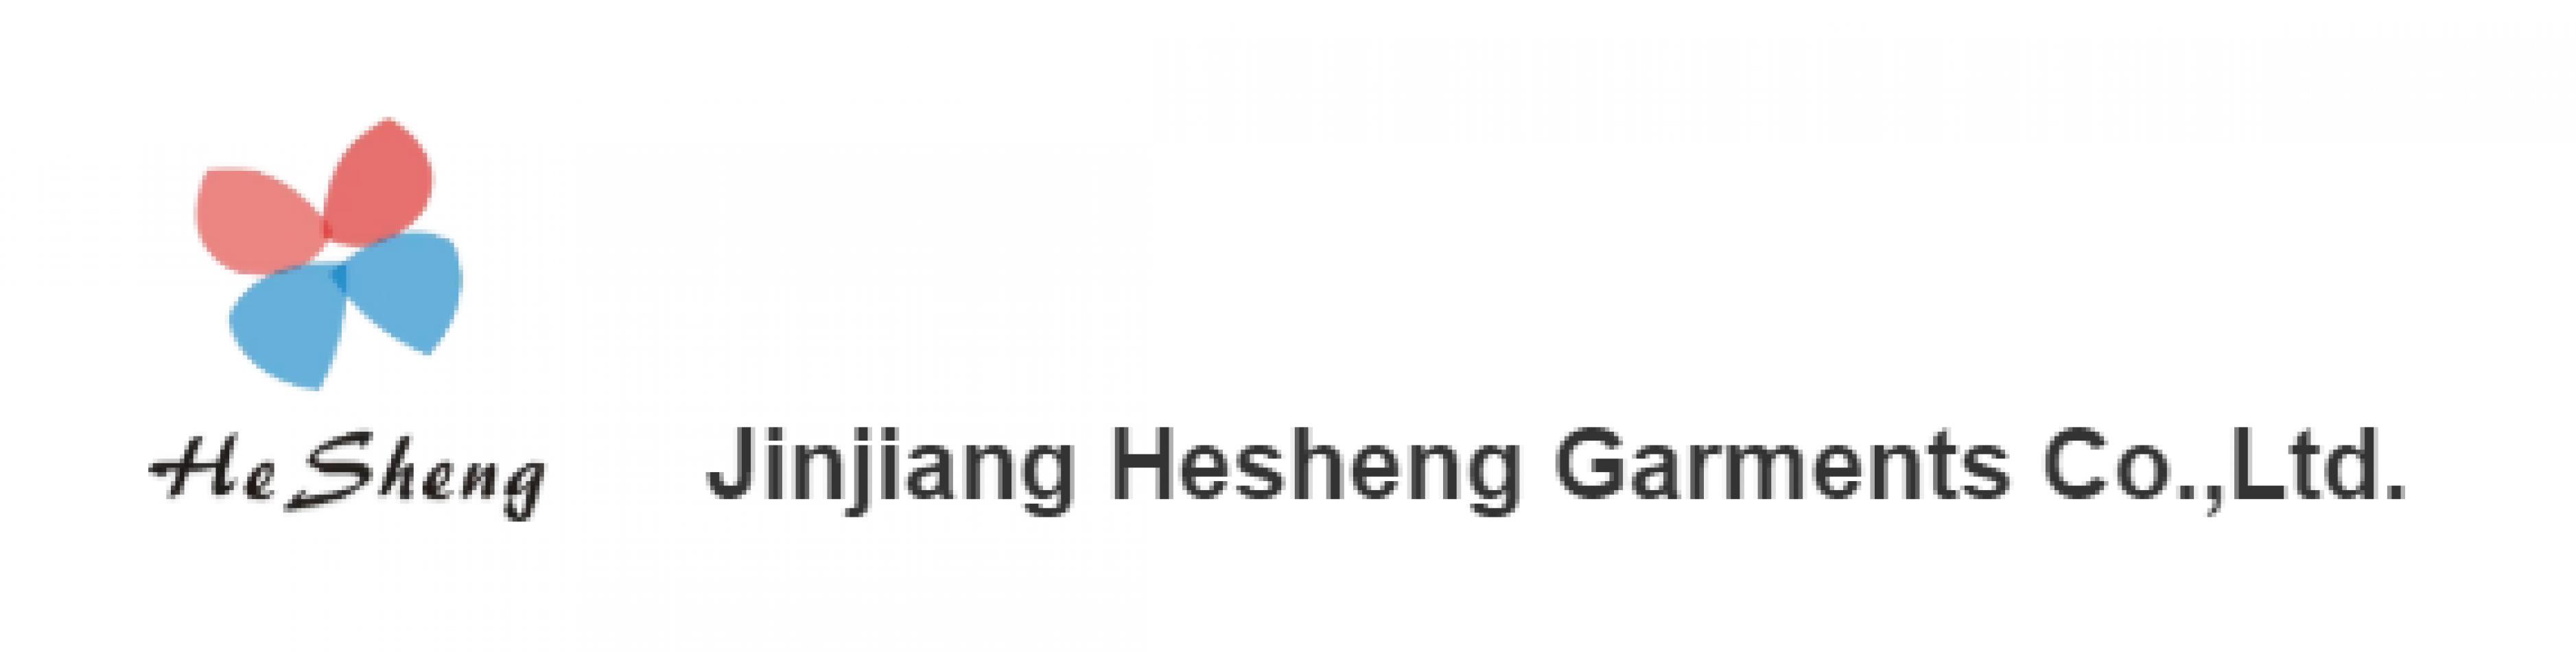 Jinjiang Hesheng Garments Co., Ltd.